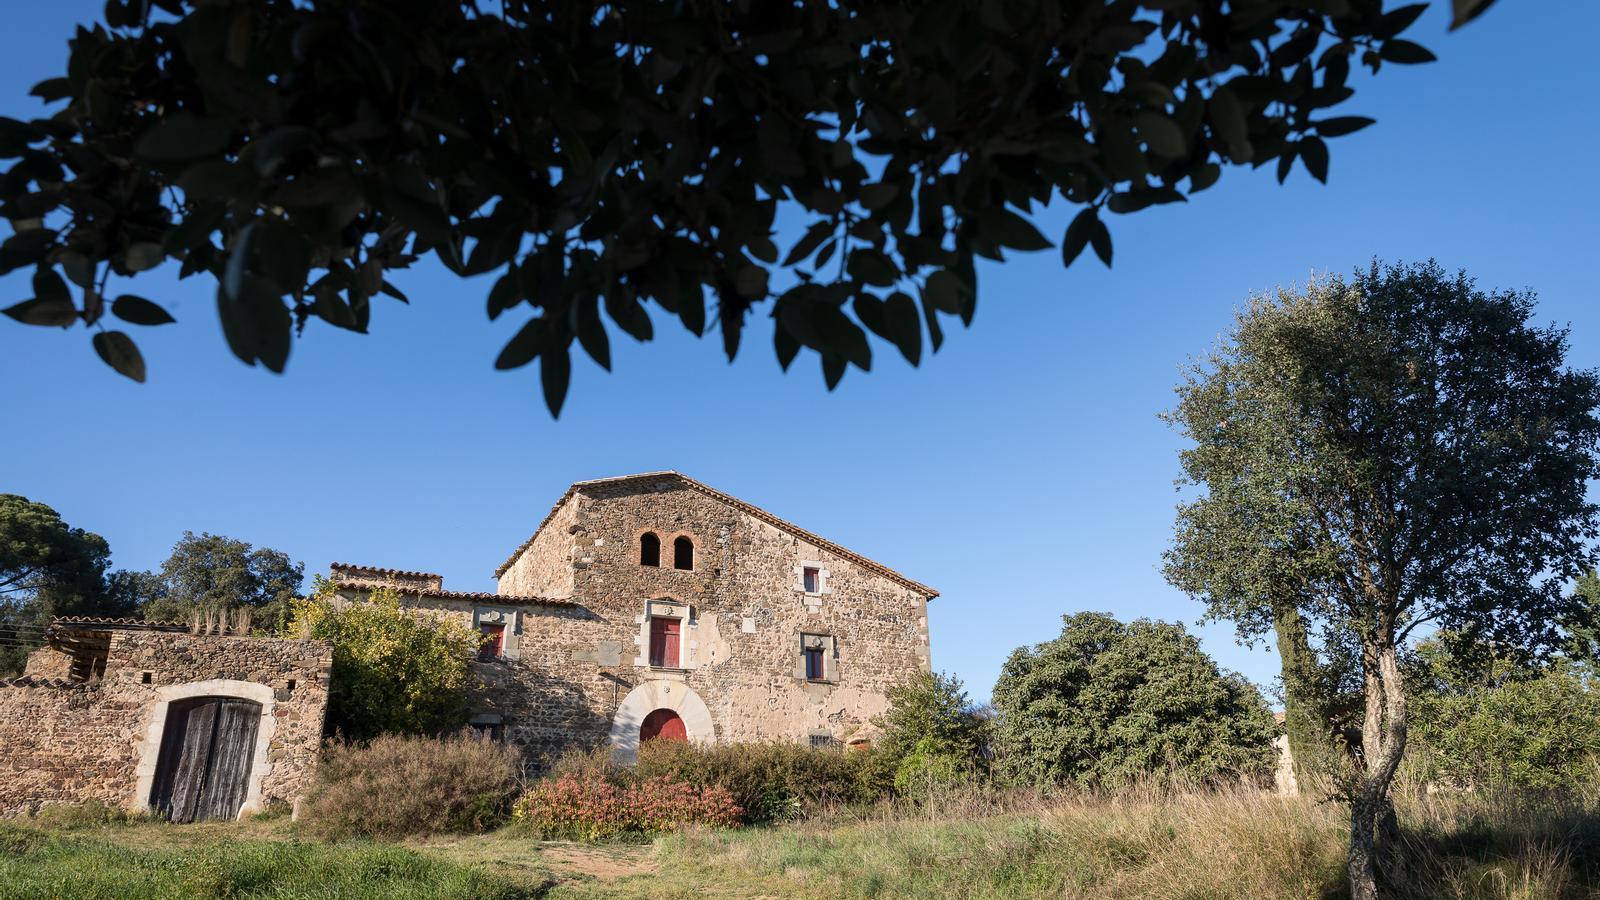 Imatge del mas on vivia la dona, situat a Estanyol, un nucli urbà de Bescanó